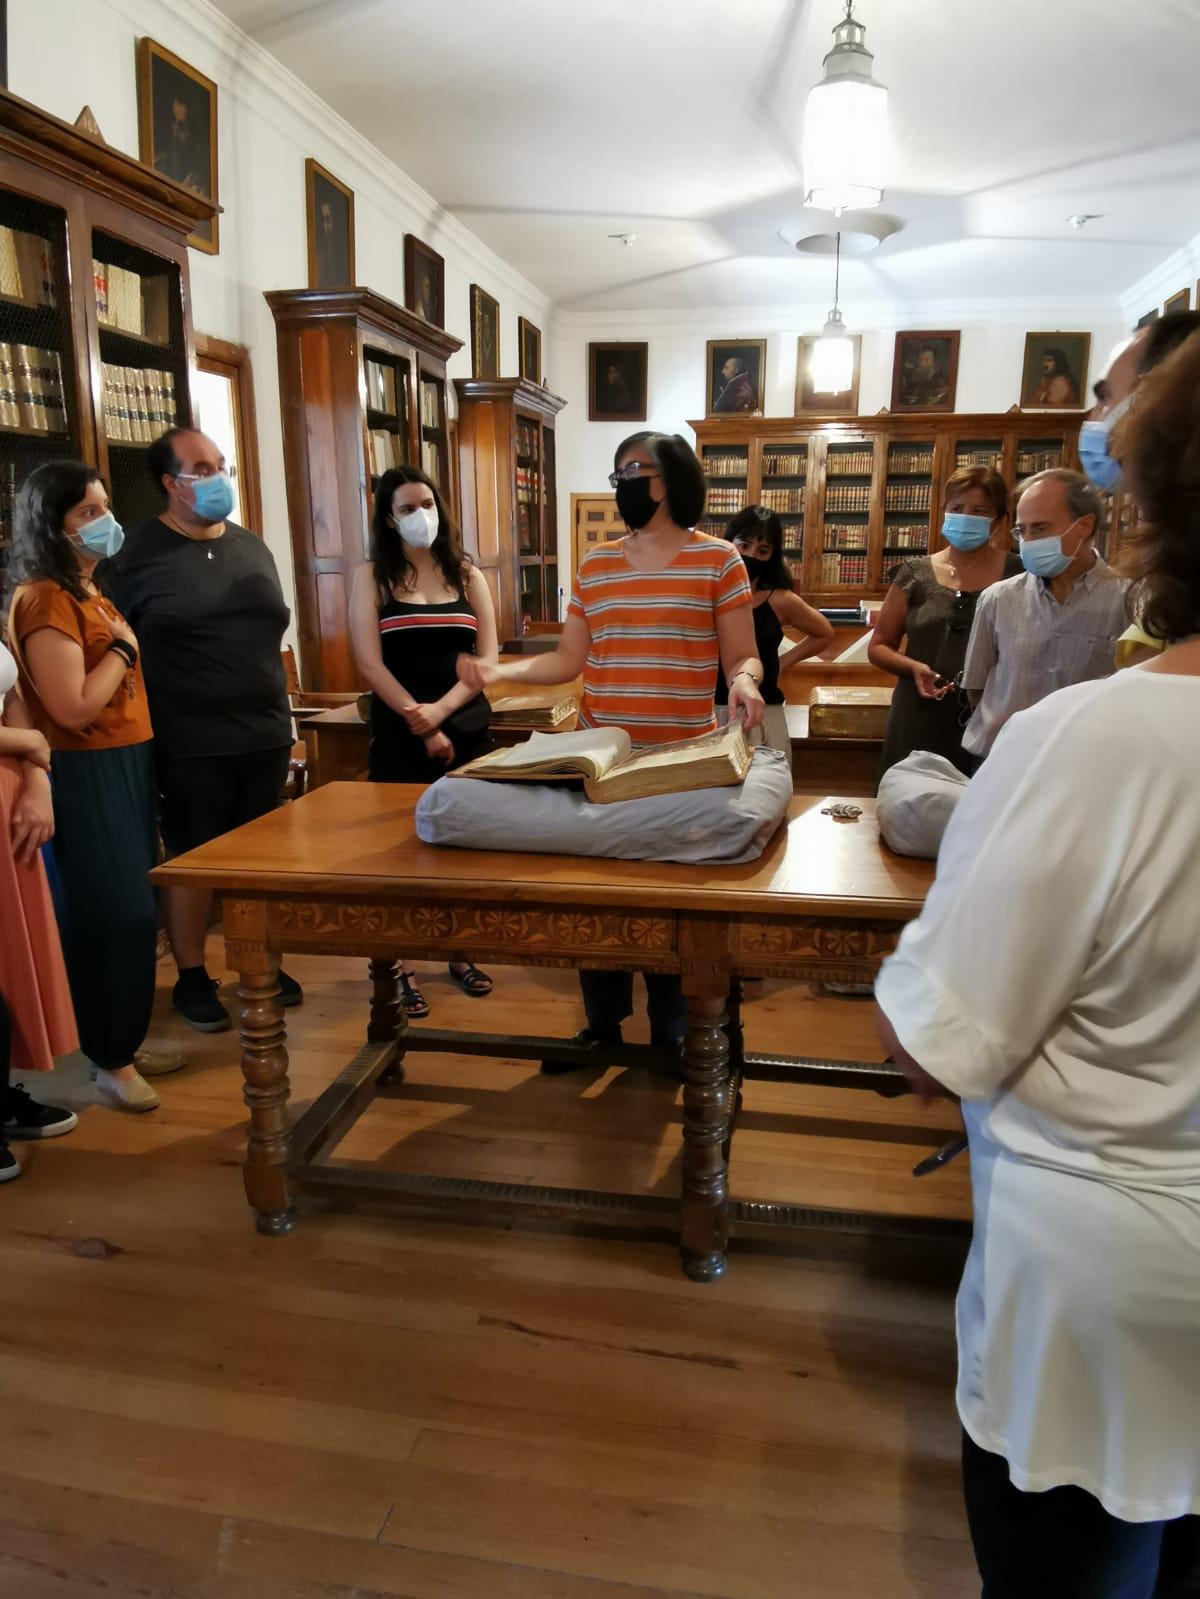 Visita a la Biblioteca del Monasterio de El Escorial